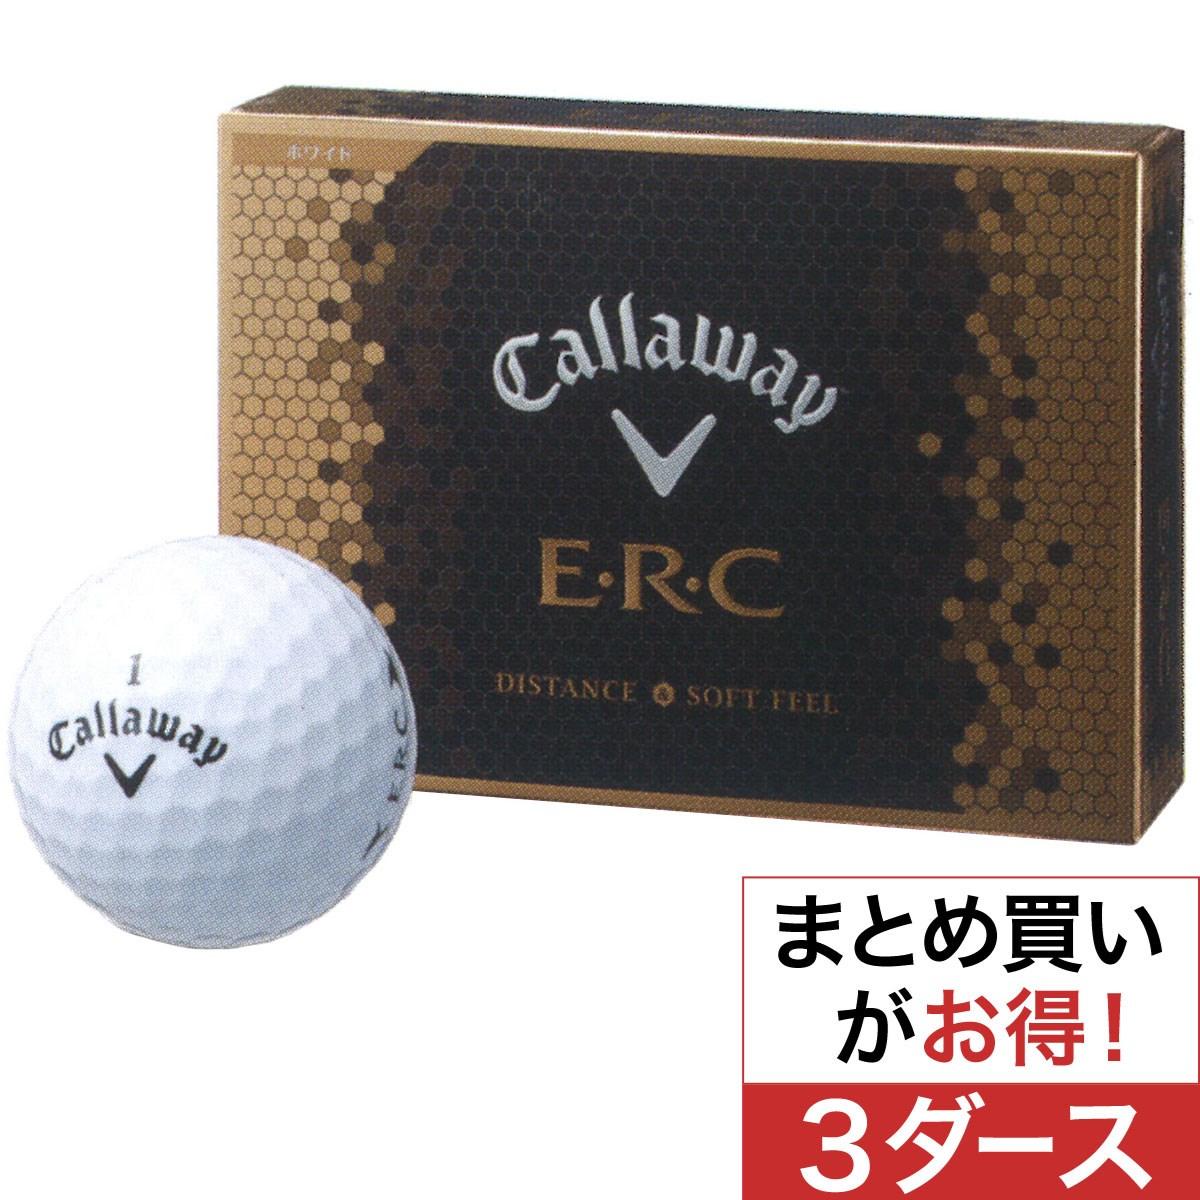 キャロウェイゴルフ(Callaway Golf) NEW ERC ボール 2016年モデル 3ダースセット